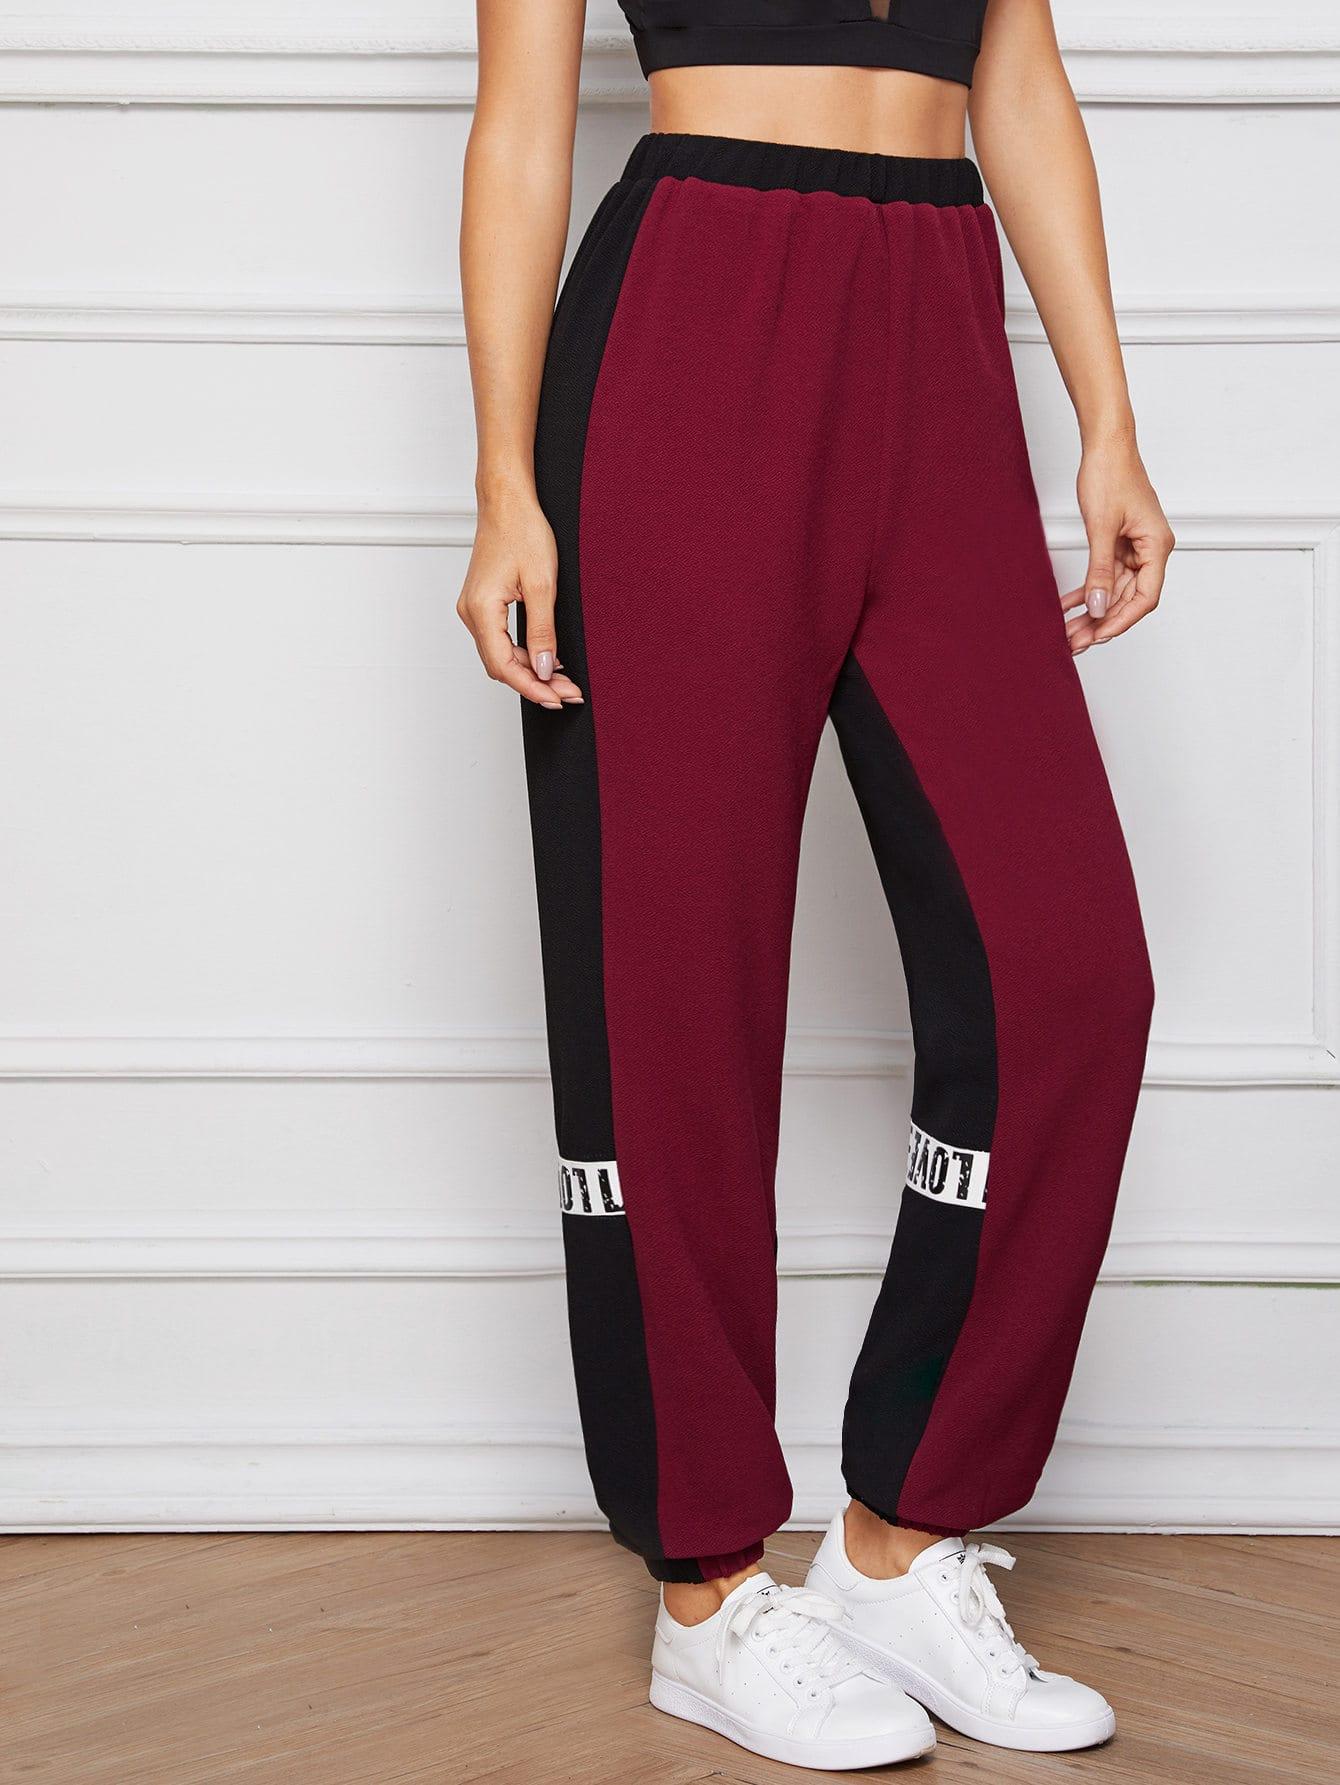 Фото - Контрастные спортивные брюки с текстовым принтом от SheIn цвет бургундия